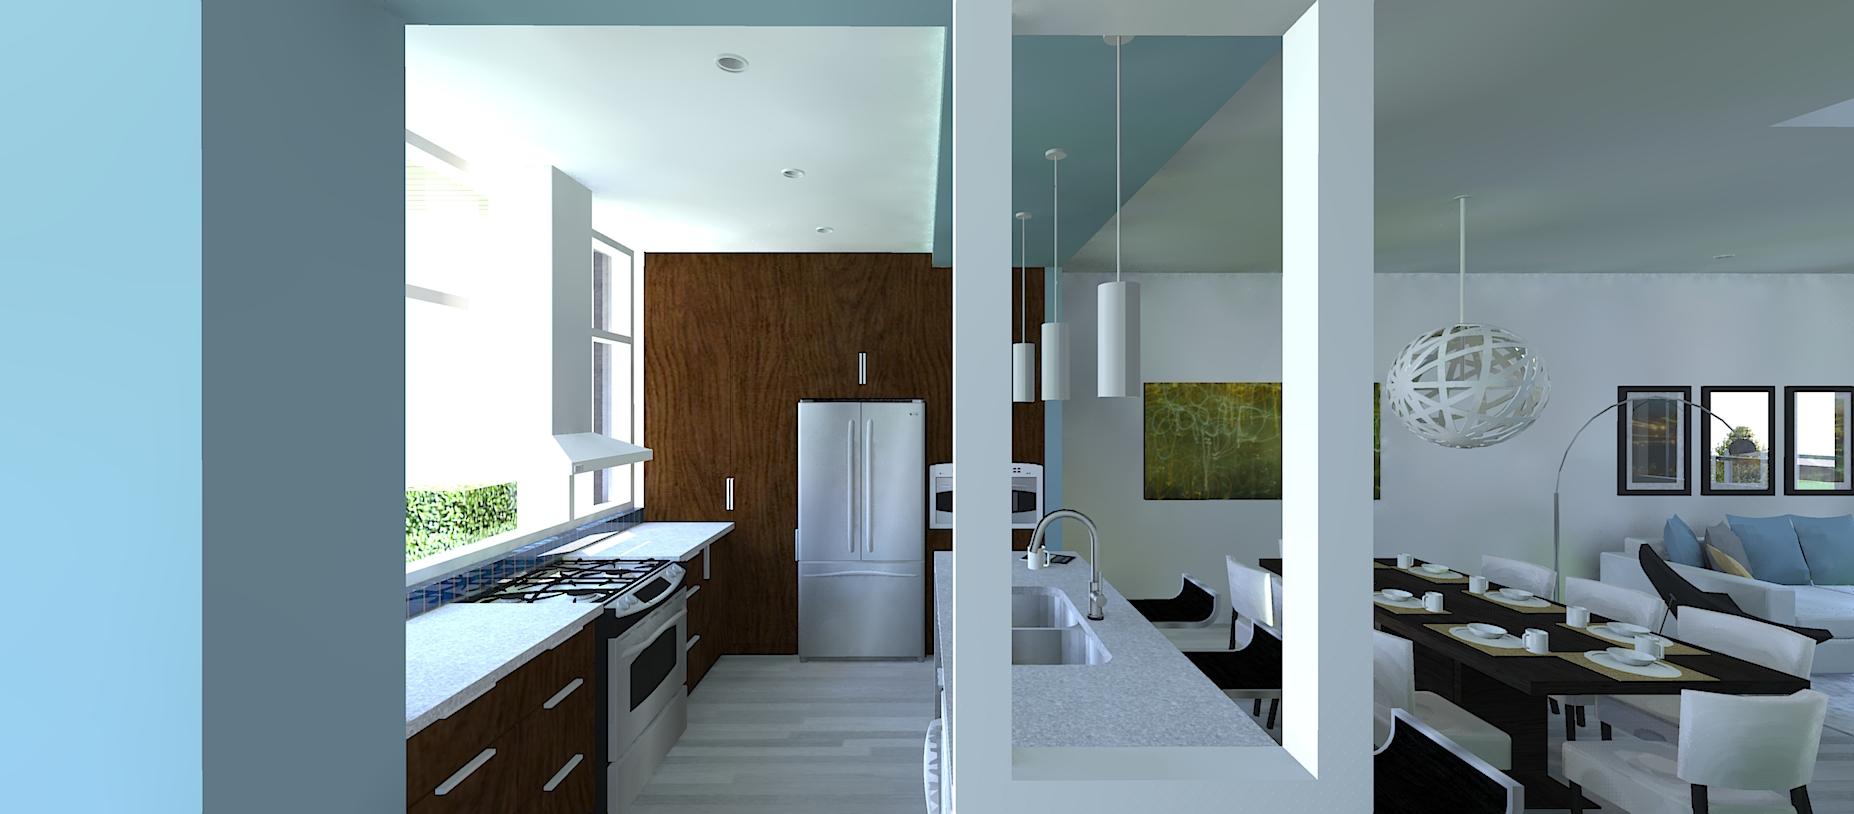 12-Kitchen 3.jpg